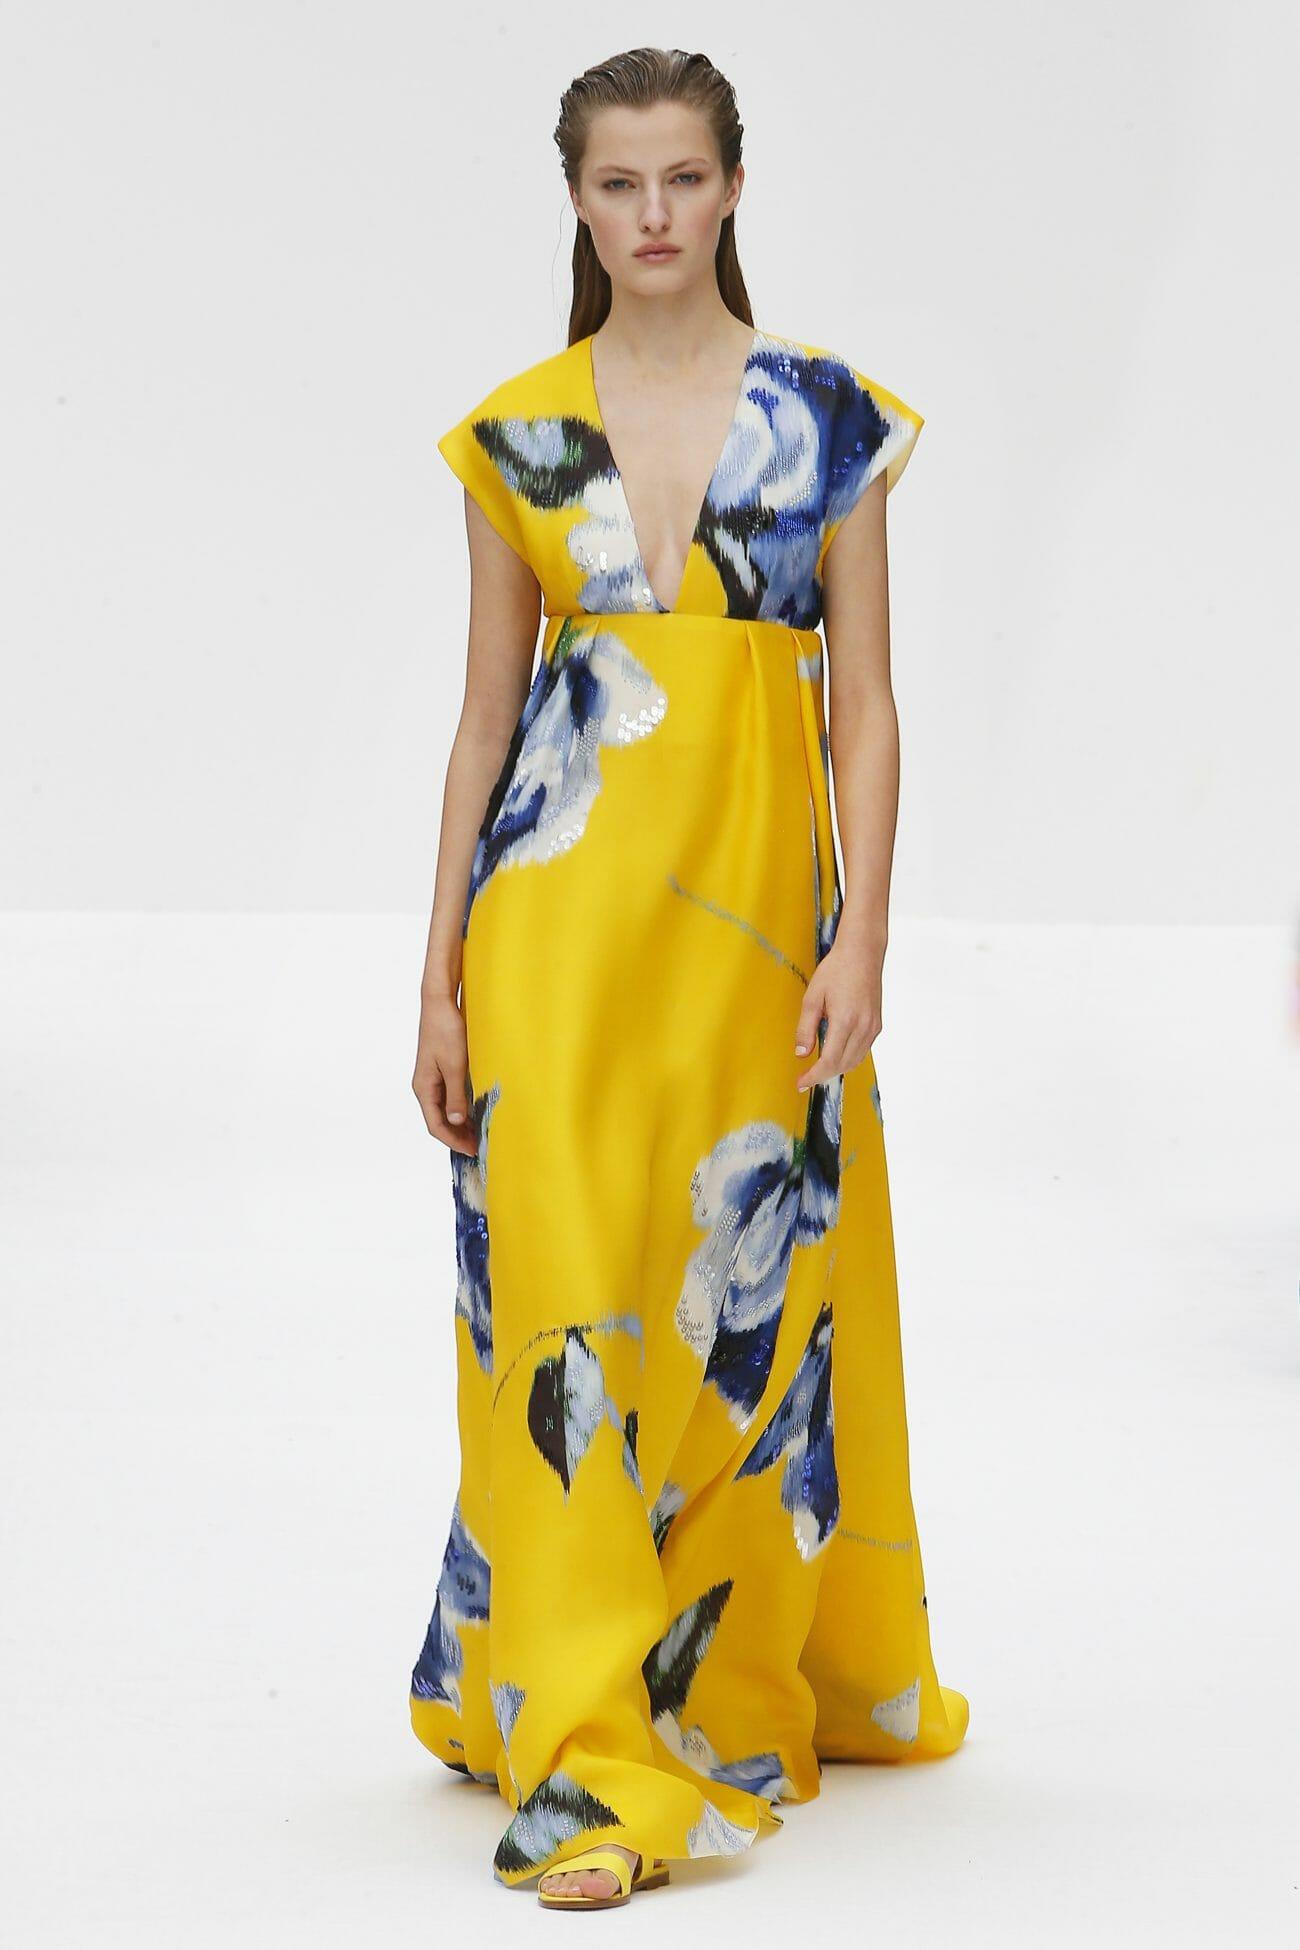 Carolina Herrera New York yellow dress